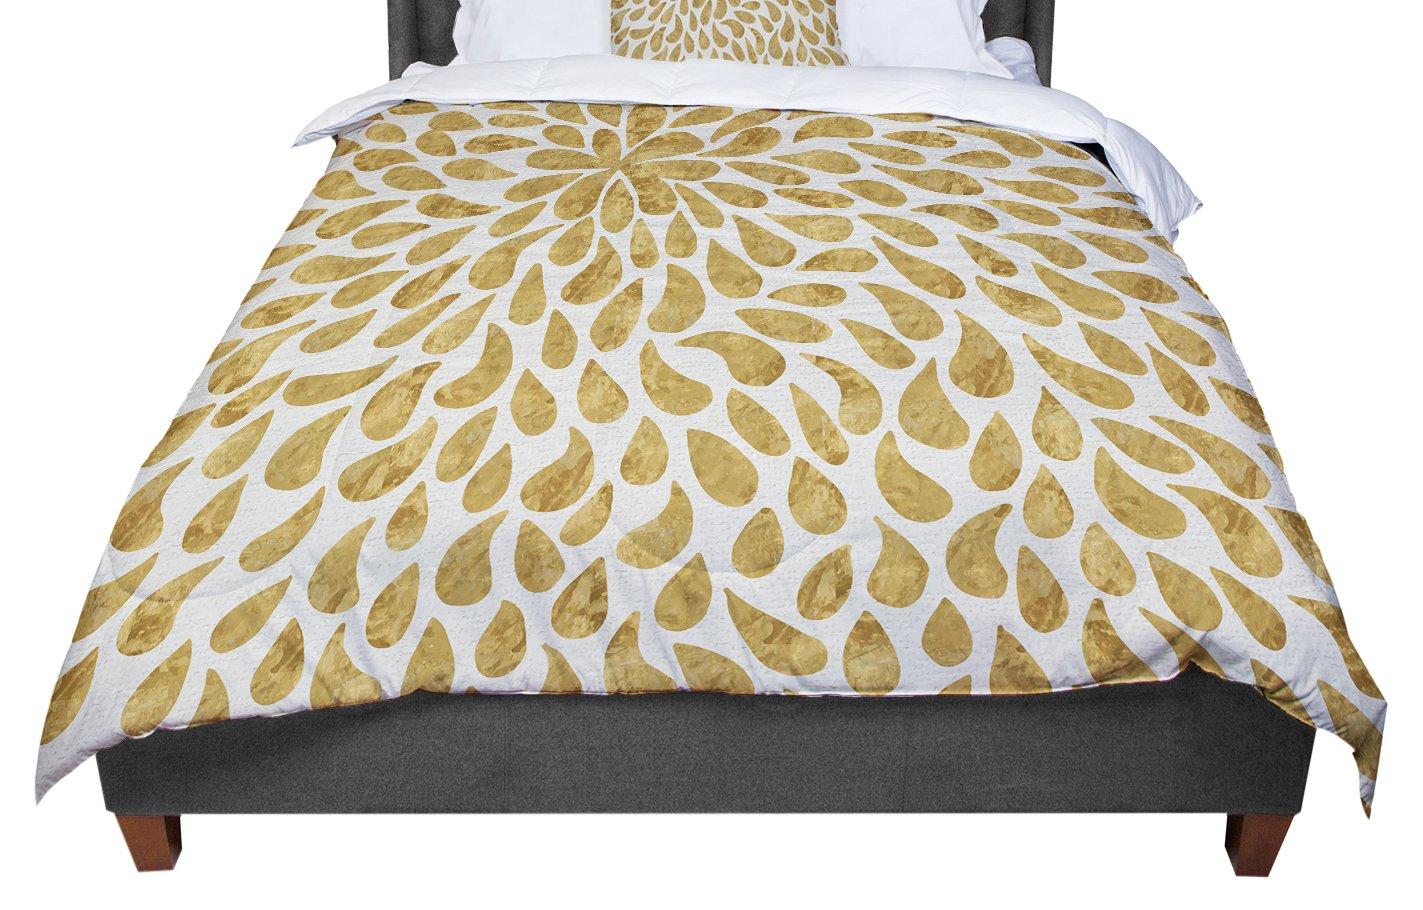 KESS InHouse 888 Design Abstract Golden Flower Gold Tan Queen Comforter 88 X 88